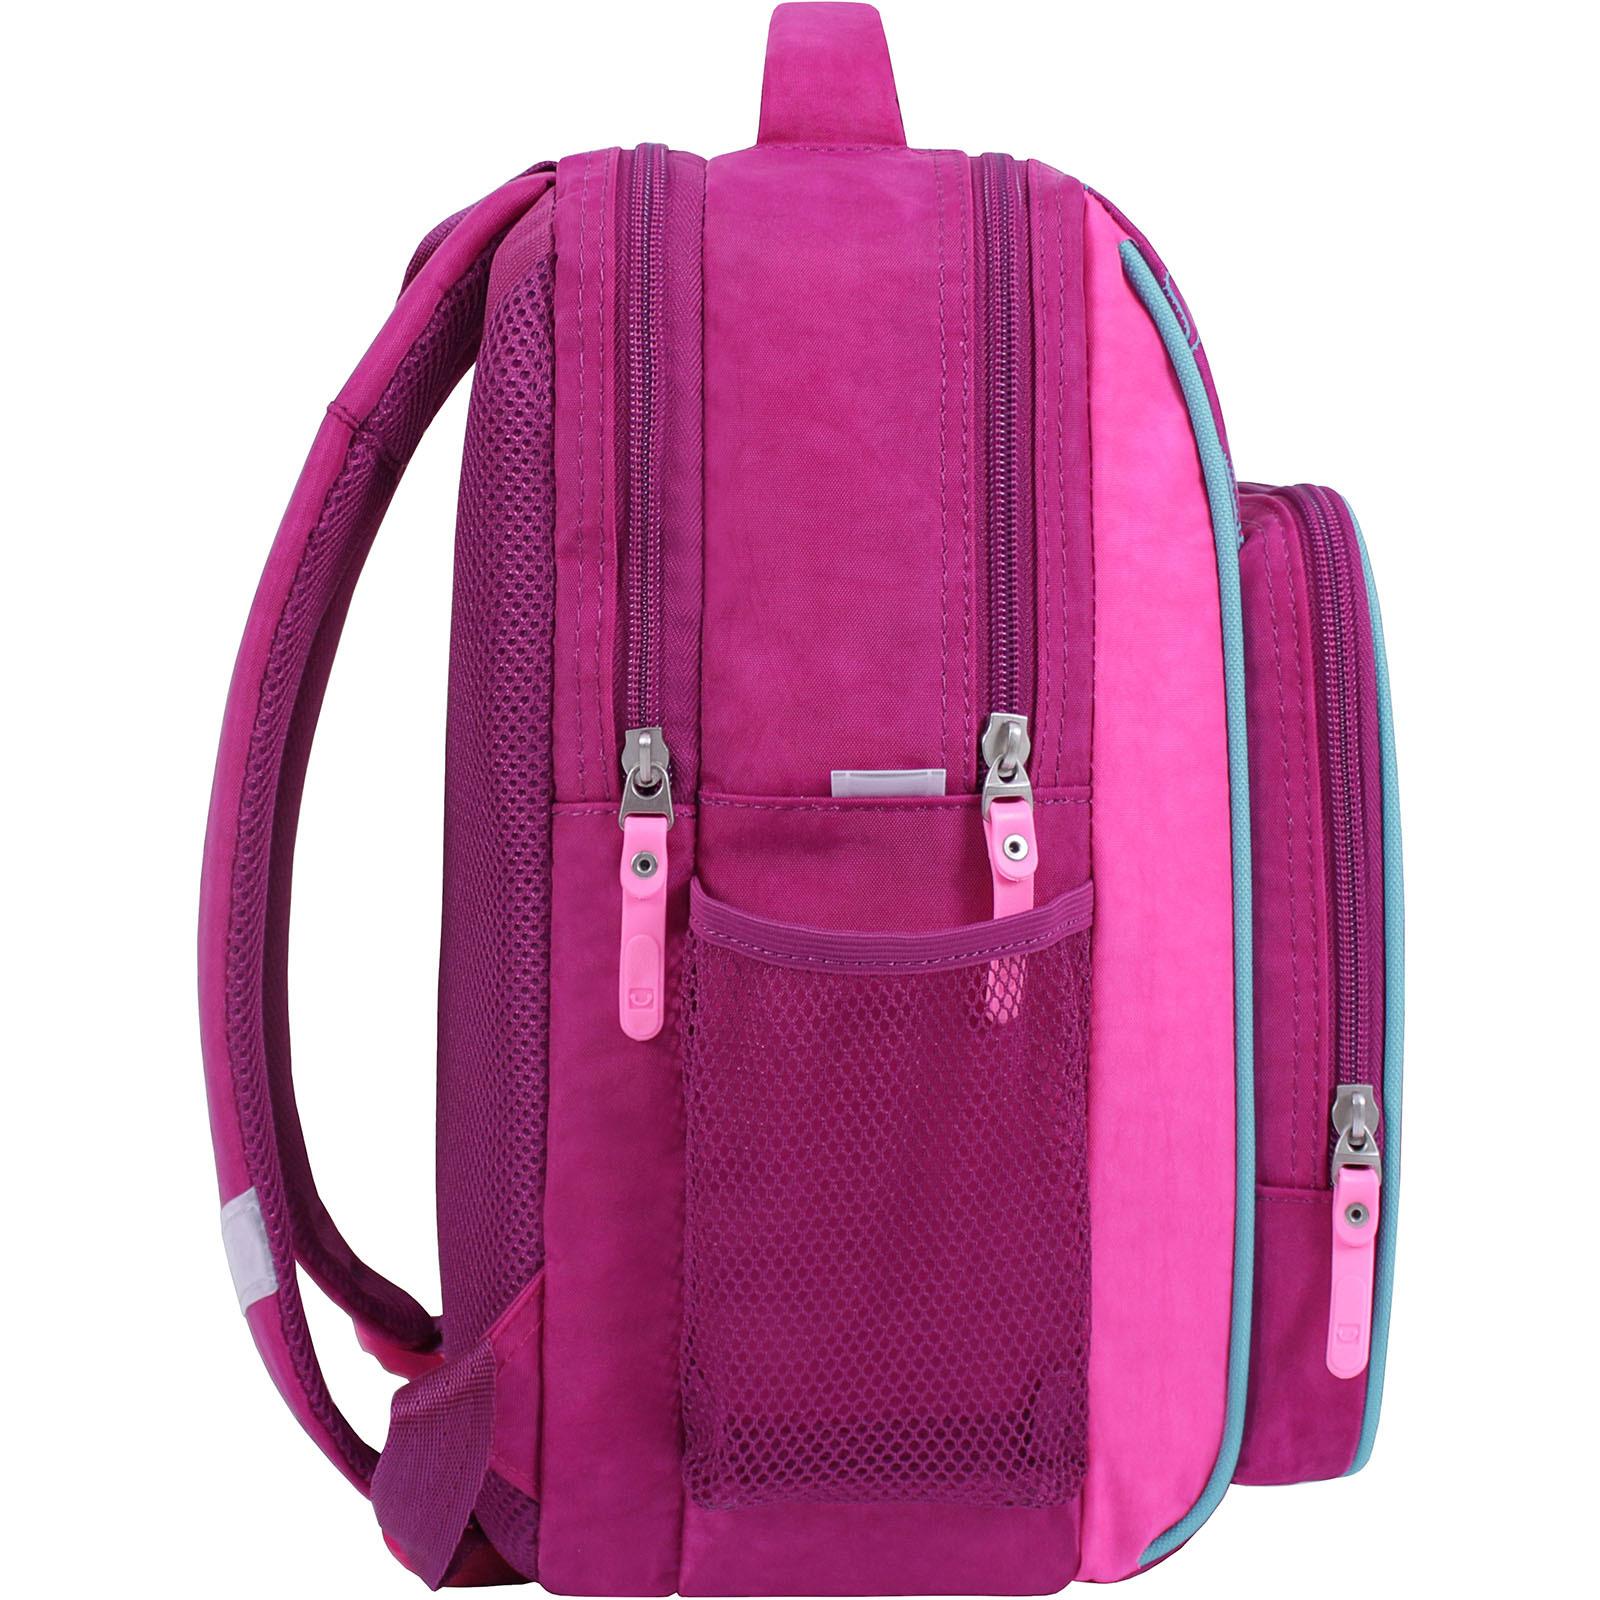 Рюкзак школьный Bagland Школьник 8 л. малиновый 617 (0012870) фото 2